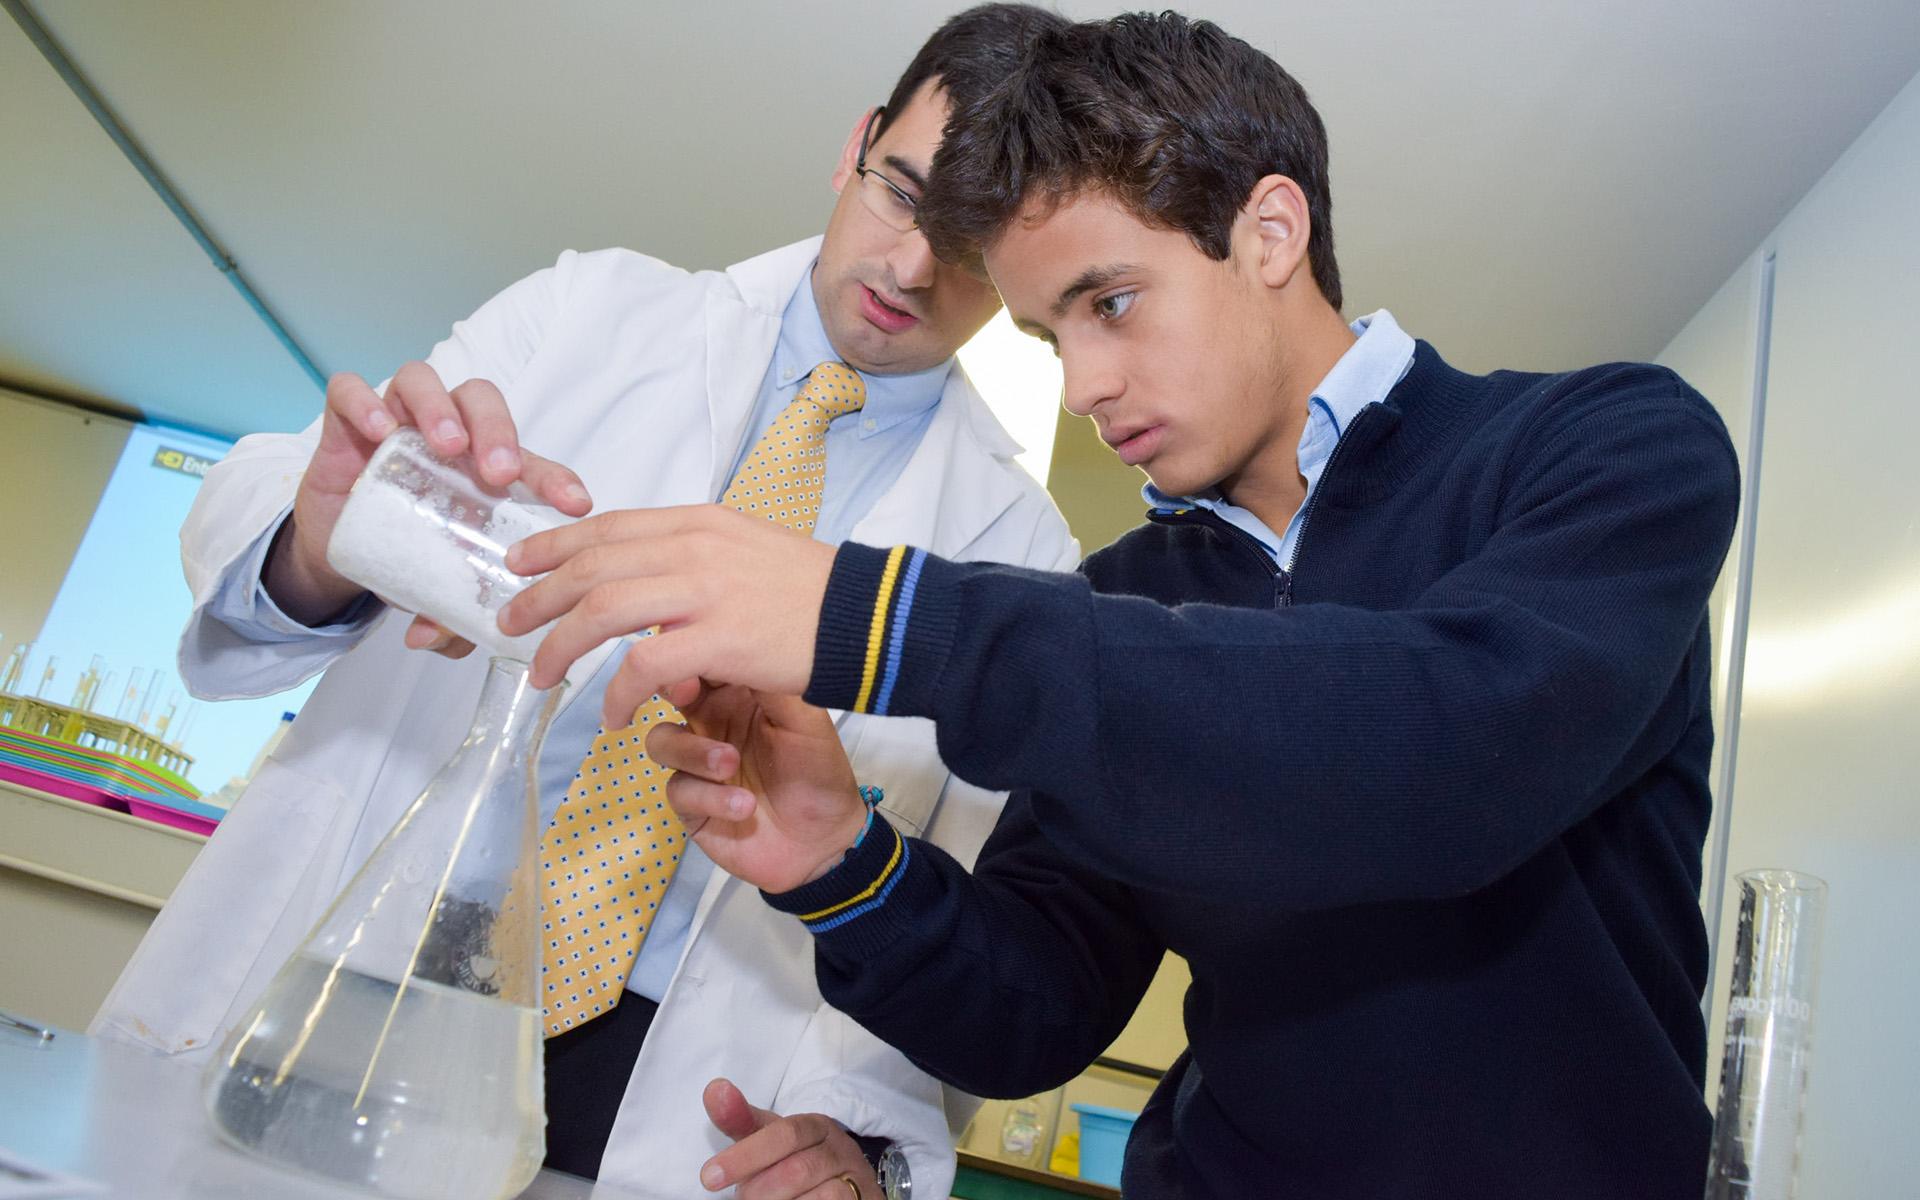 prácticas de laboratorio método científico